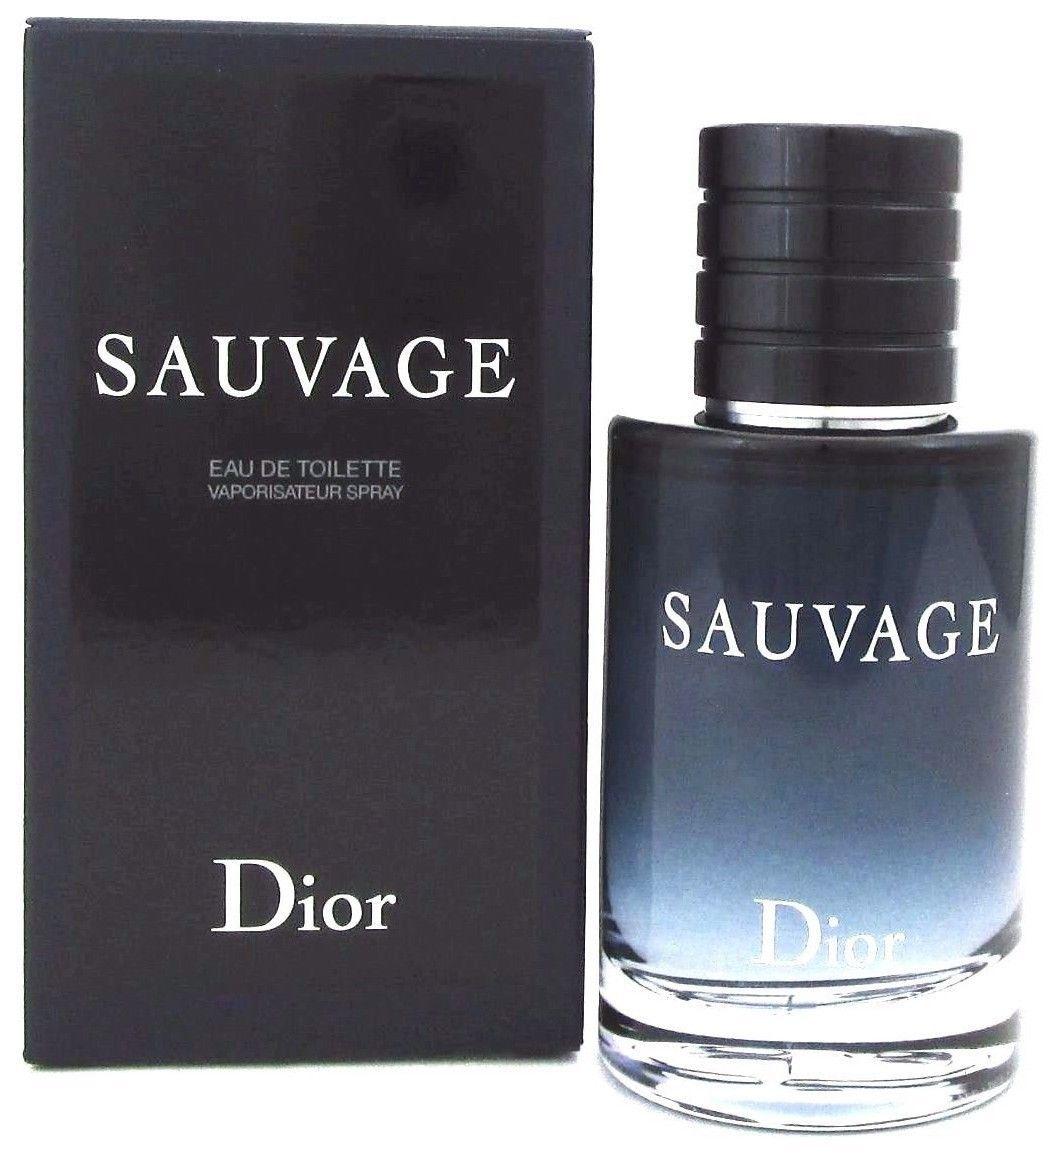 Offres Et Prix Pour Dior Sauvage Eau De Toilette Sur Idealofr